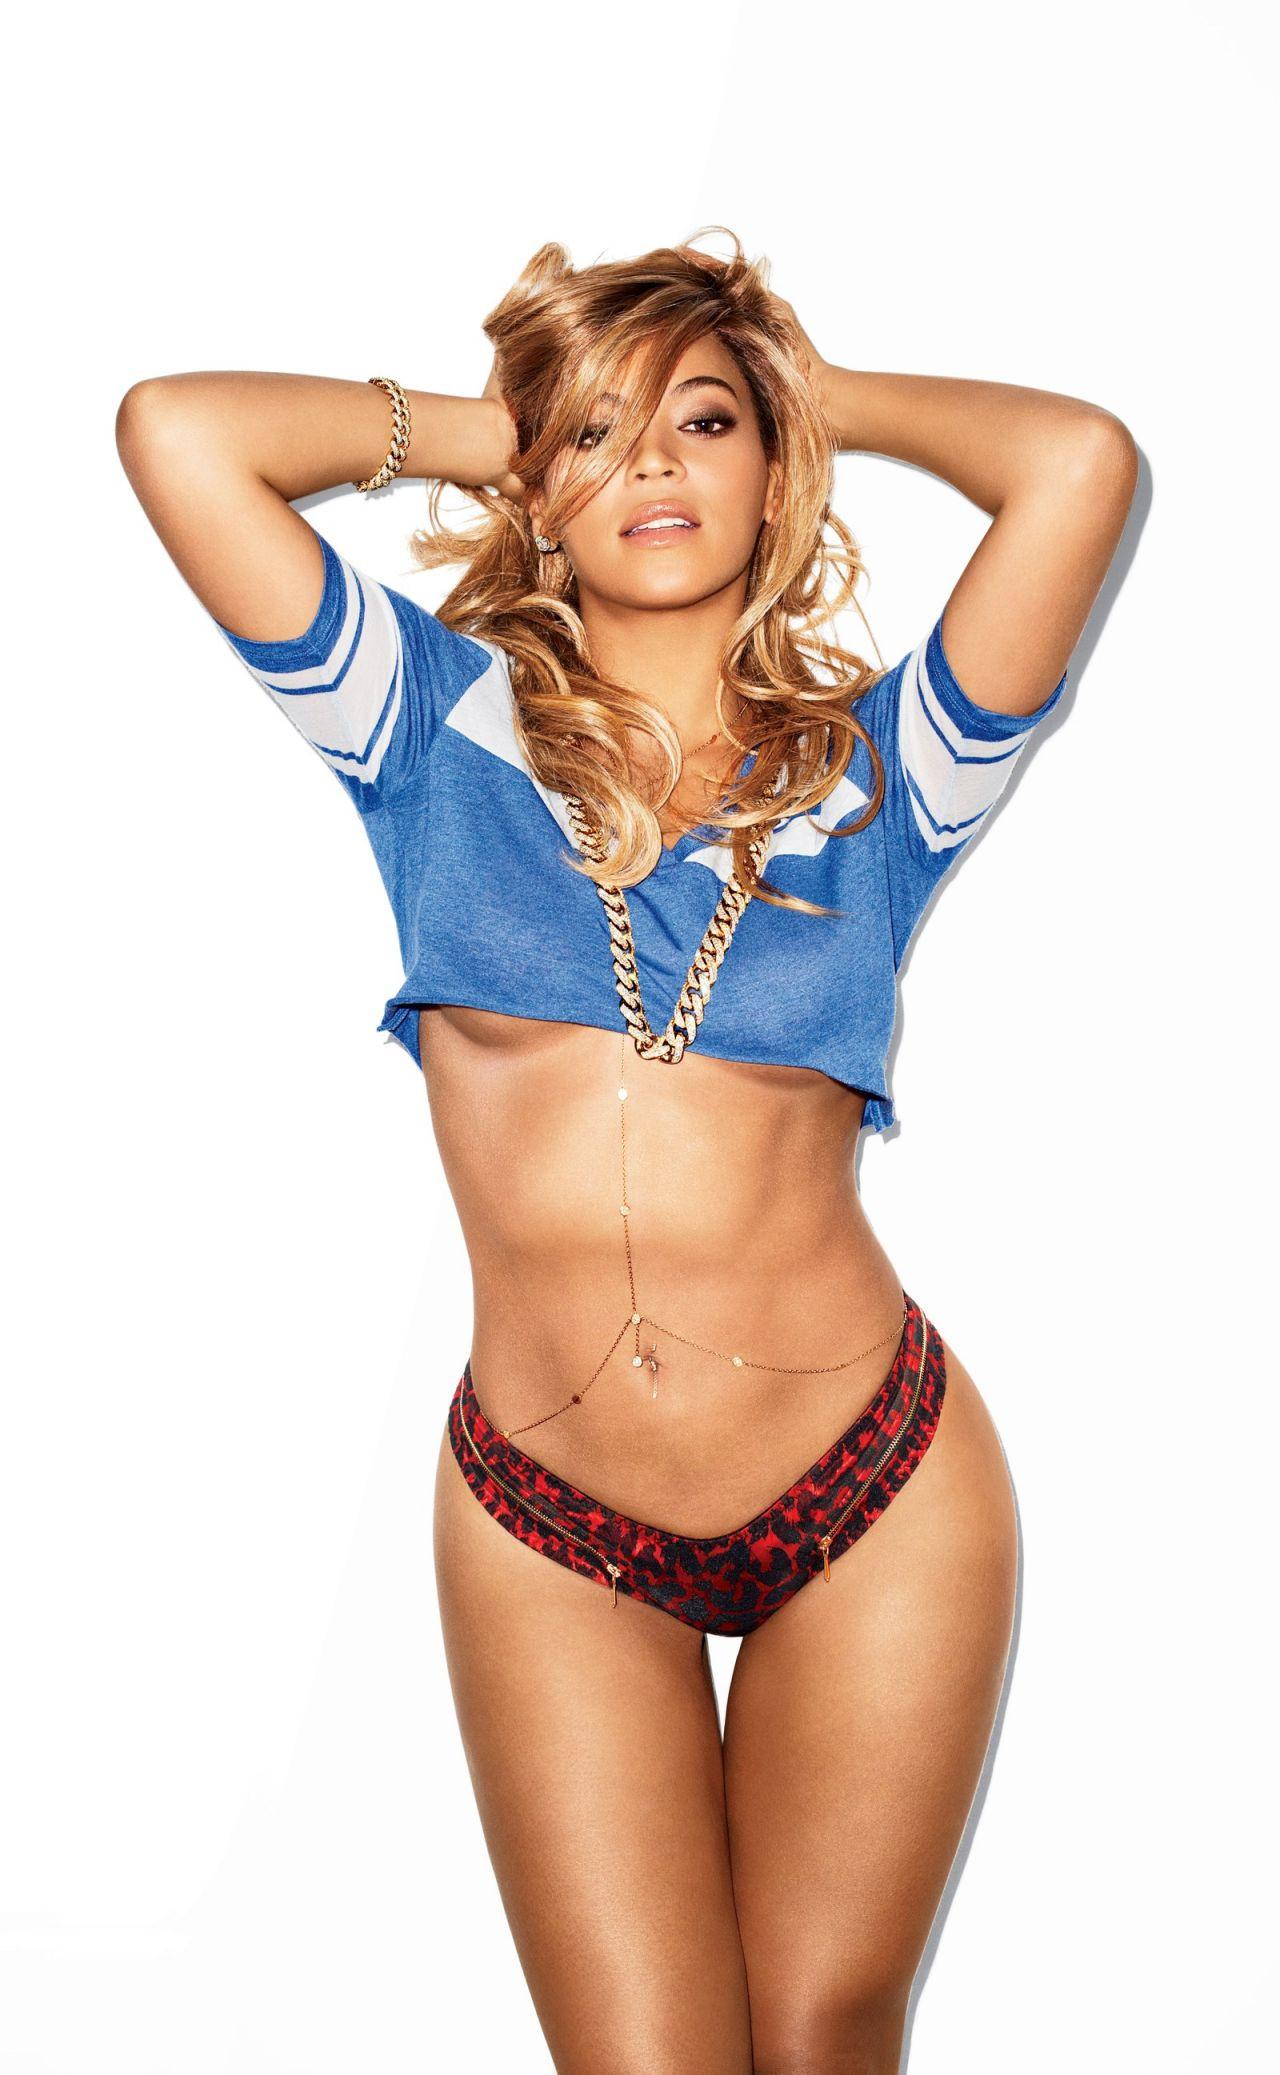 Beyonce 26 milyon dolara yazlık aldı - Sayfa 1